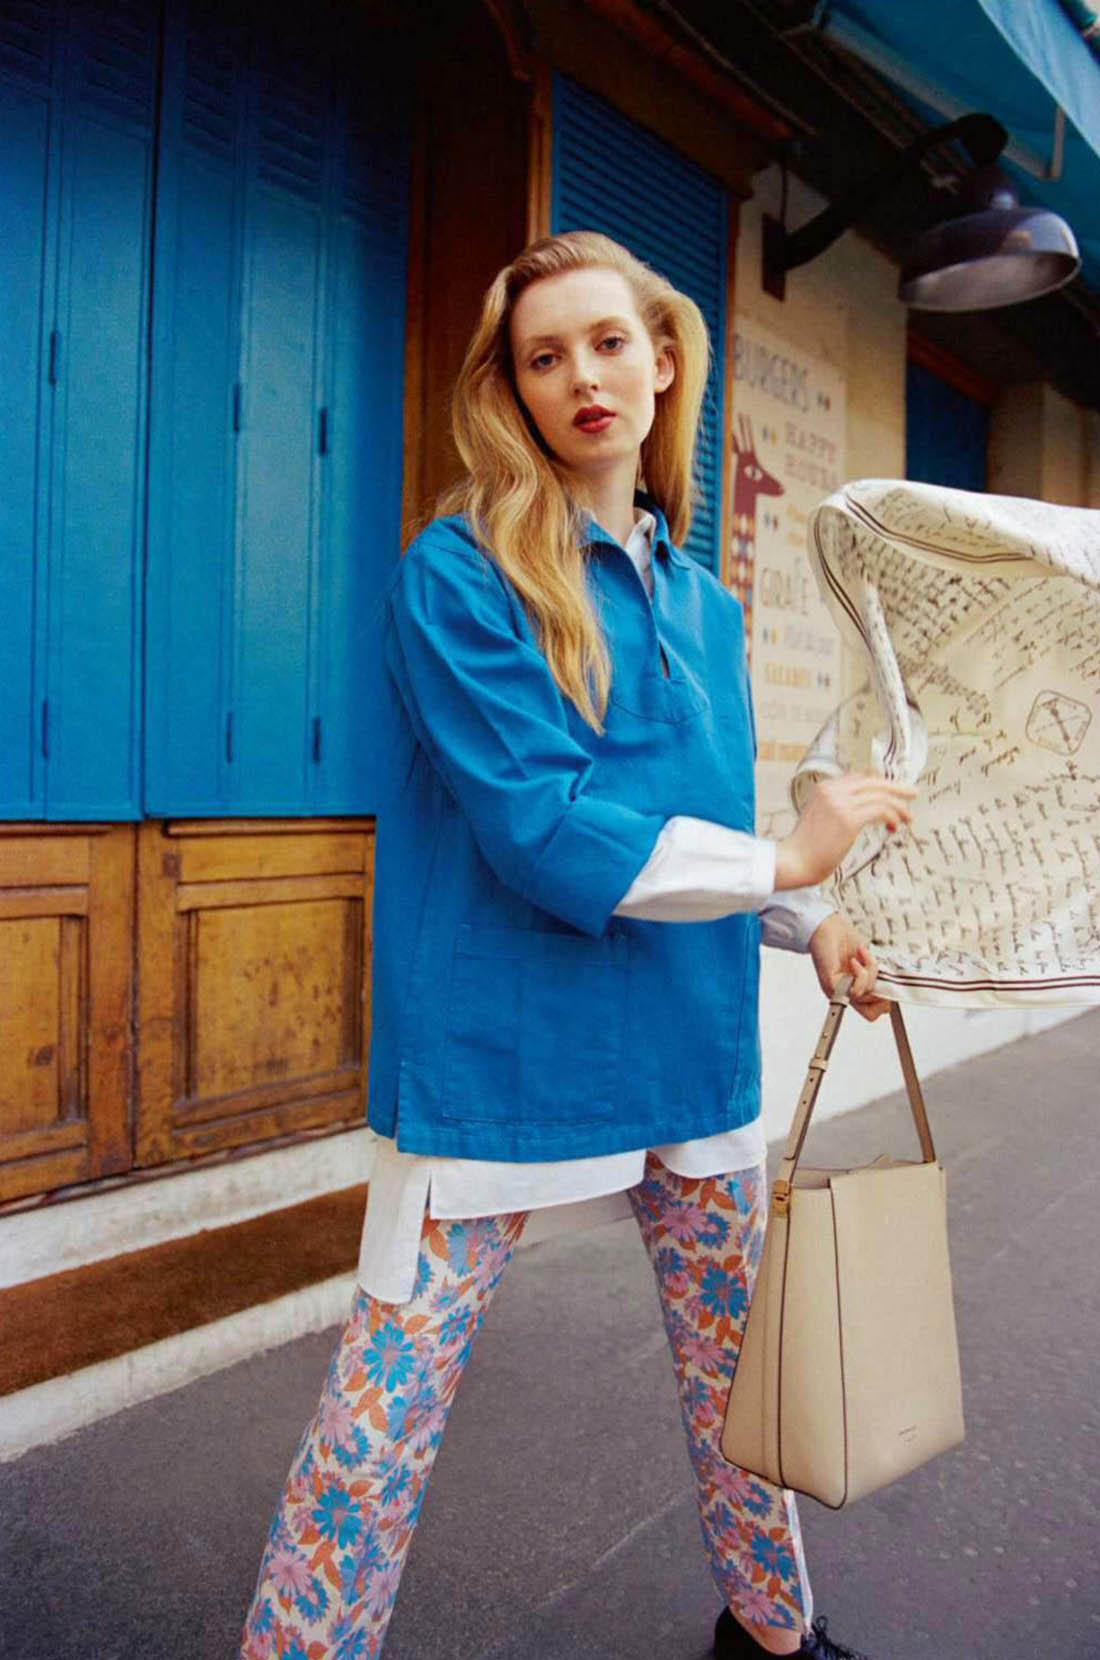 Clara Ruby by Arthur Delloye for Elle France April 9th, 2021